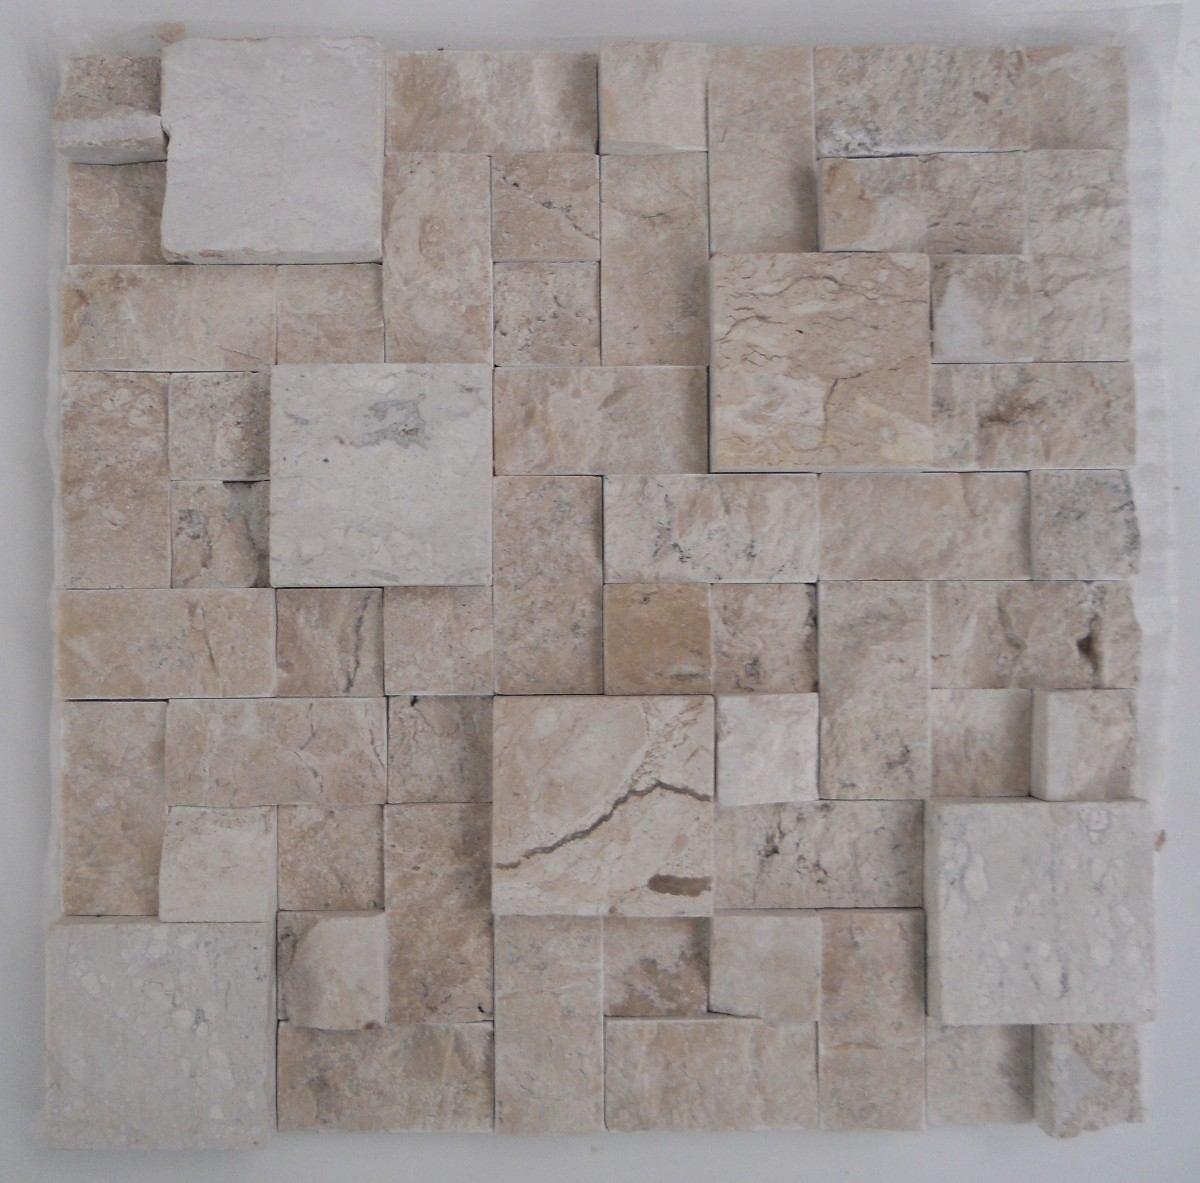 Mosaico De Mármore Branco/mármore Travertino Bege Bahia tela R$ 16  #655A52 1200x1183 Balança De Banheiro Digital Casas Bahia